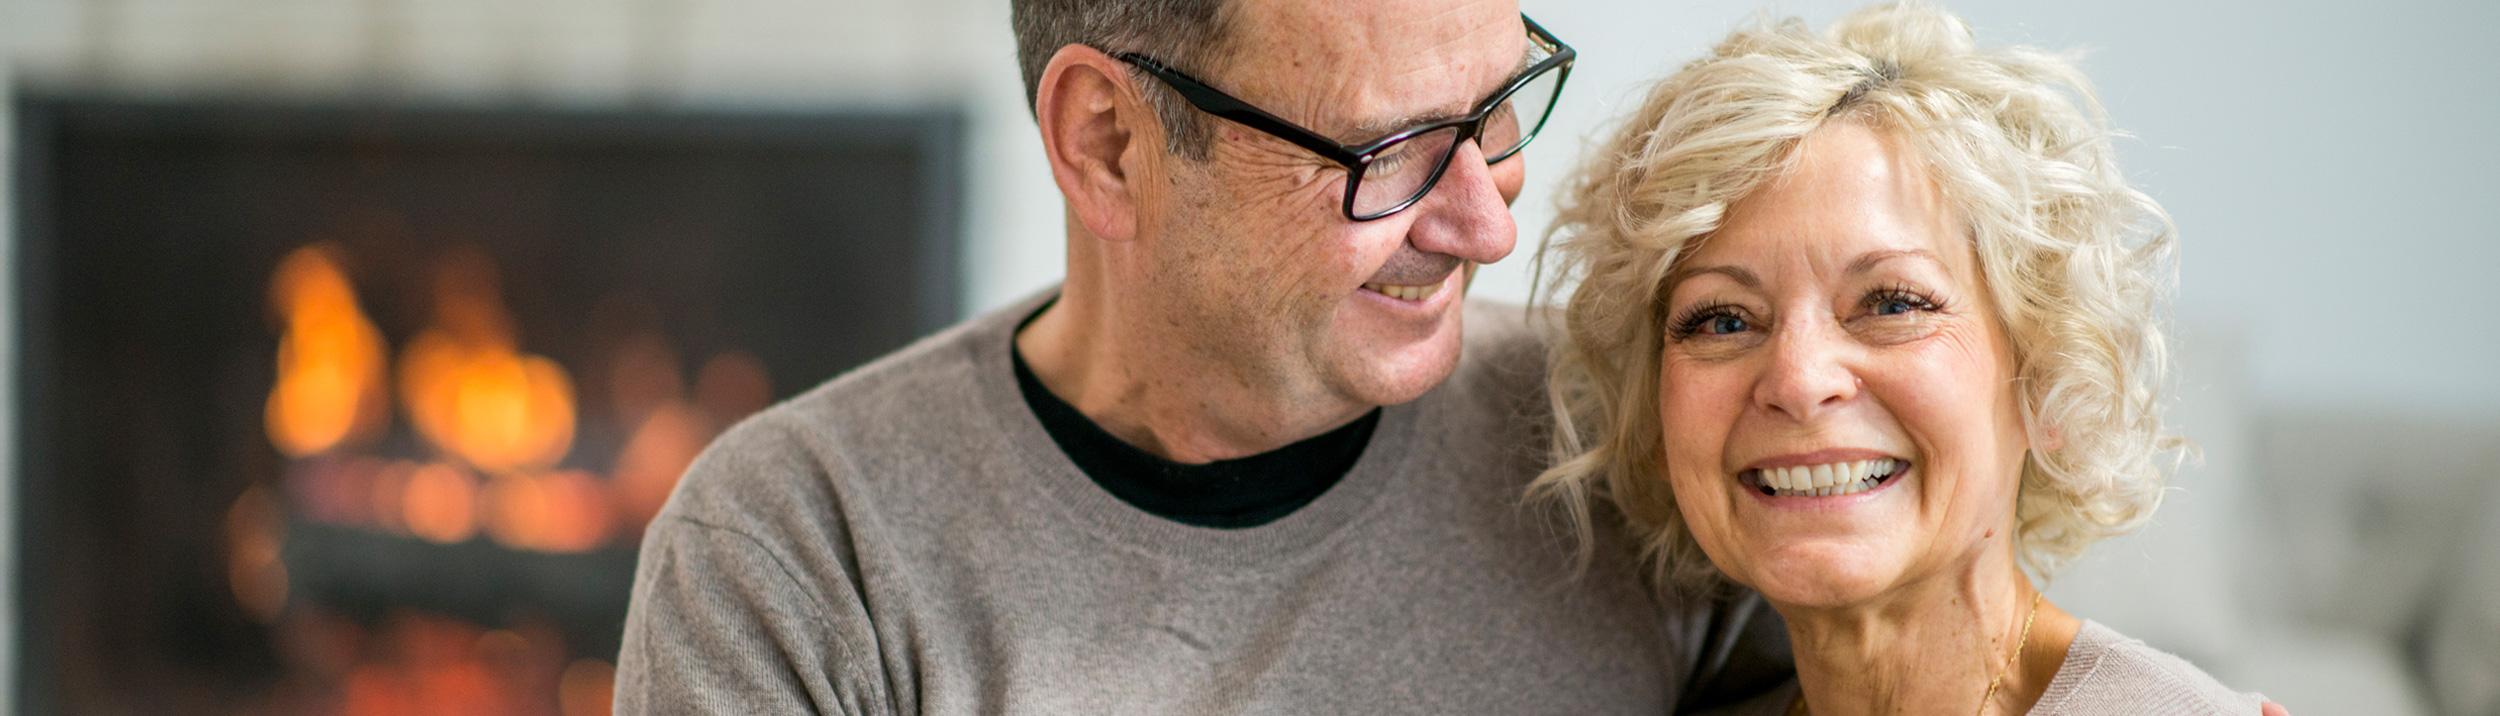 Älteres Paar lächelt dank Ihrer neuen Heizung